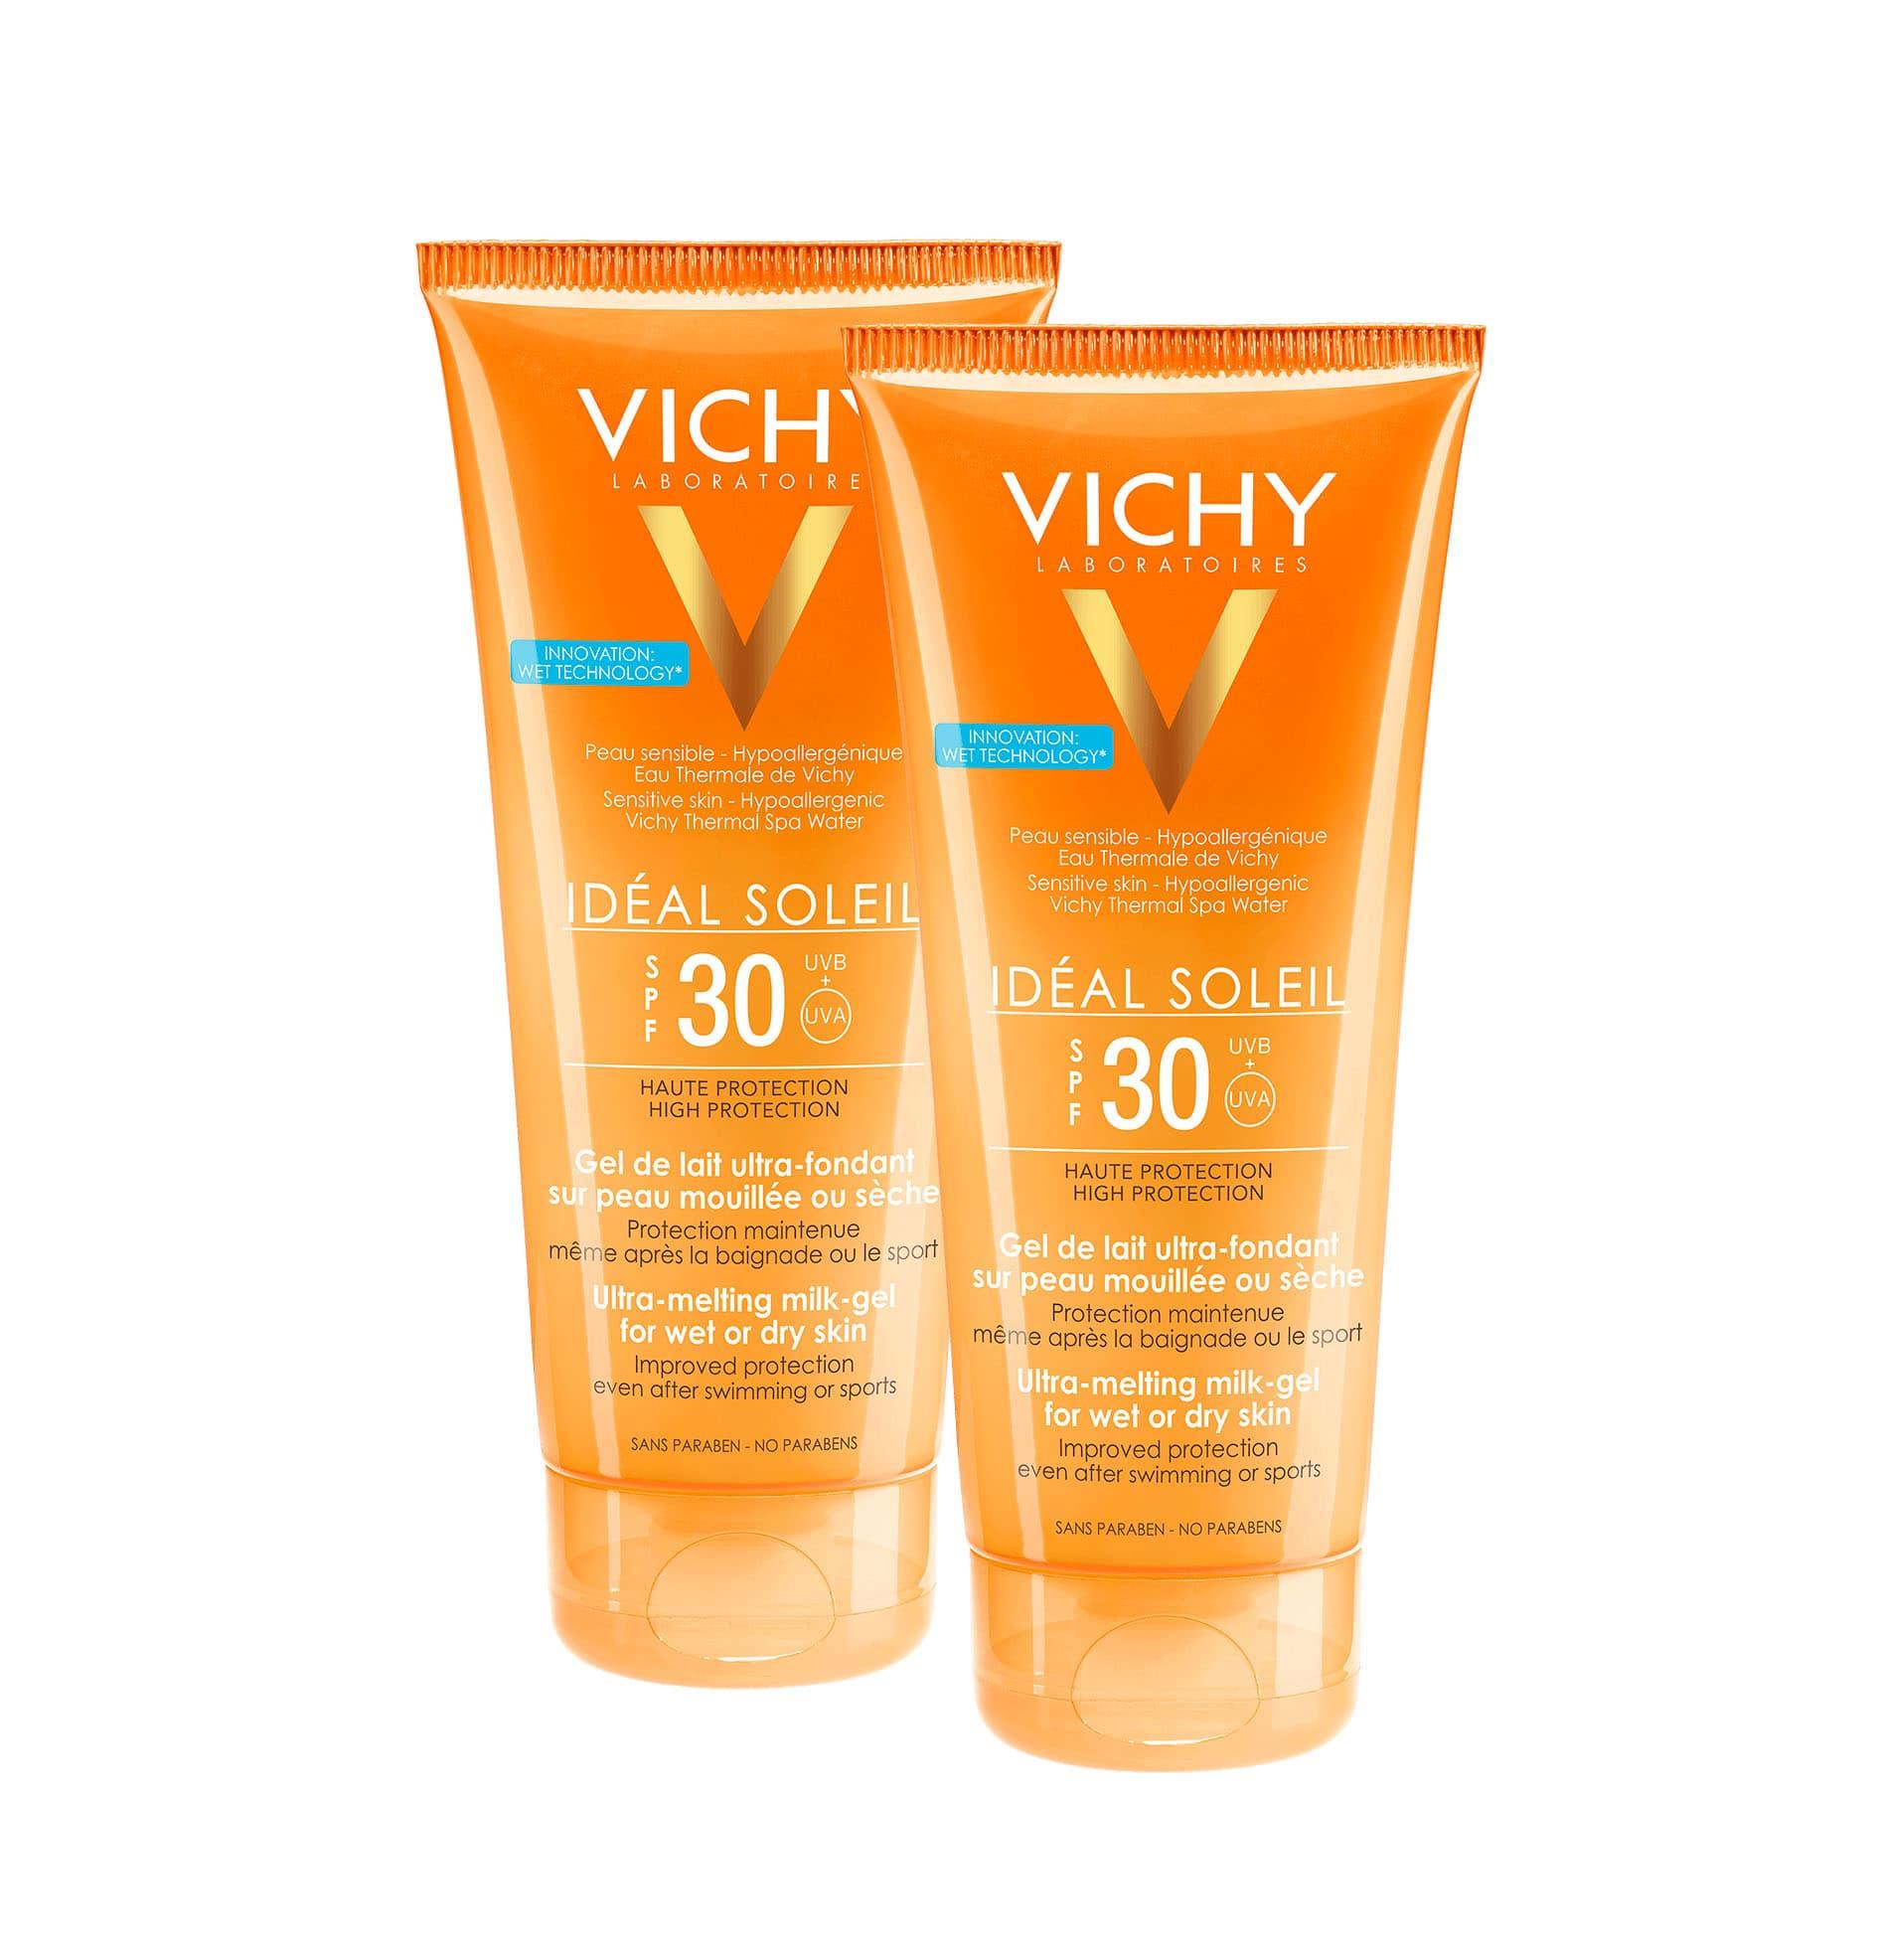 2 x Vichy Ideal Soleil SPF30 Έξτρα Απαλό Αντηλιακό Γαλάκτωμα - Gel για την Προστασία της Νωπής ή Στεγνής Επιδερμίδας, για Προσώπο & Σώμα, 2 x 200ml